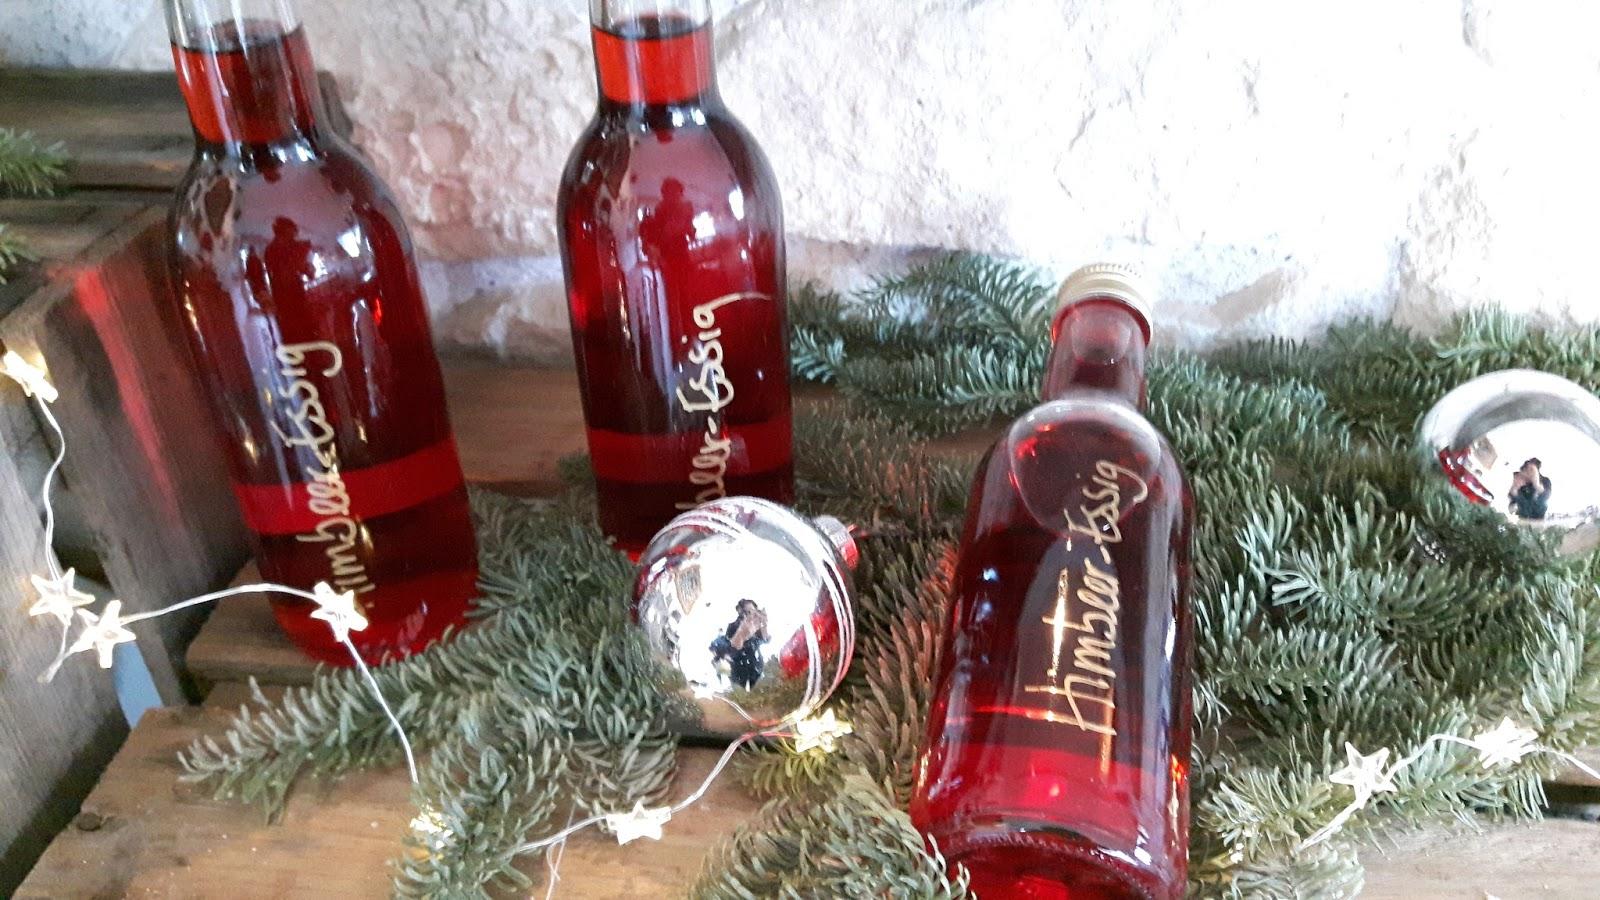 Leckere Weihnachtsgeschenke.Leckere Geschenke Aus Der Kinderkueche Himbeer Essig Last Minute